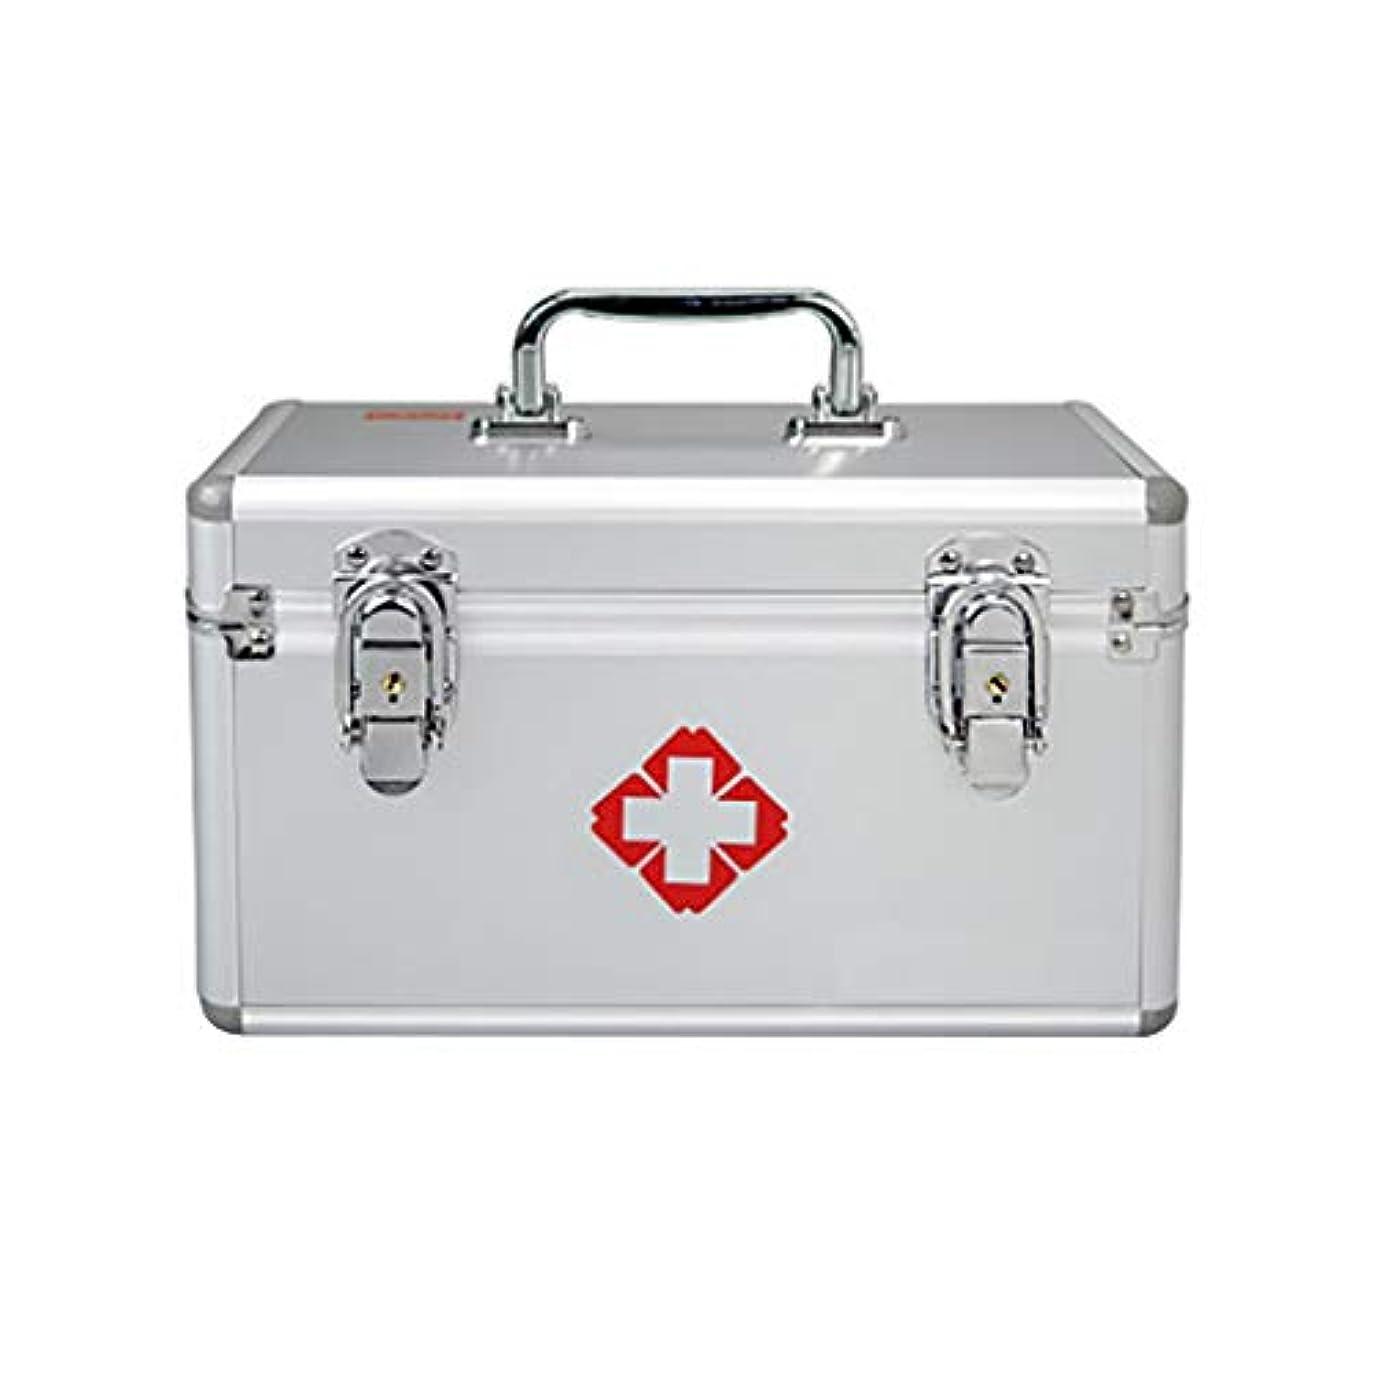 私たちのものキャッチ歌詞KKYY ポータブル救急箱銀の薬箱、金属の薬の収納箱、救急箱は含まれていません、家庭、旅行、職場用(3サイズ)